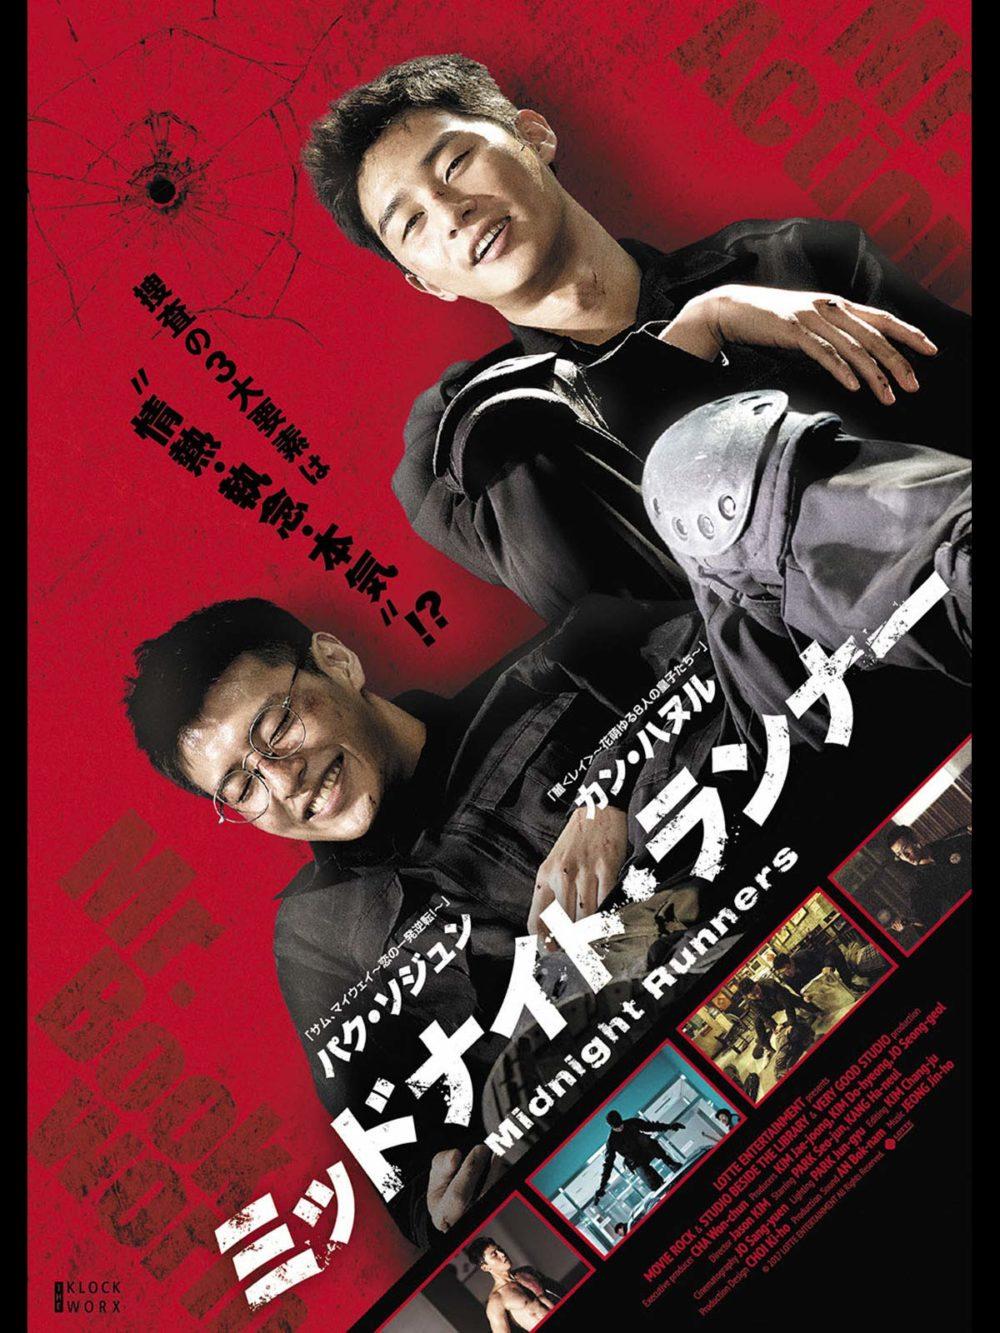 未満警察ミッドナイトランナーの原作韓国ドラマ